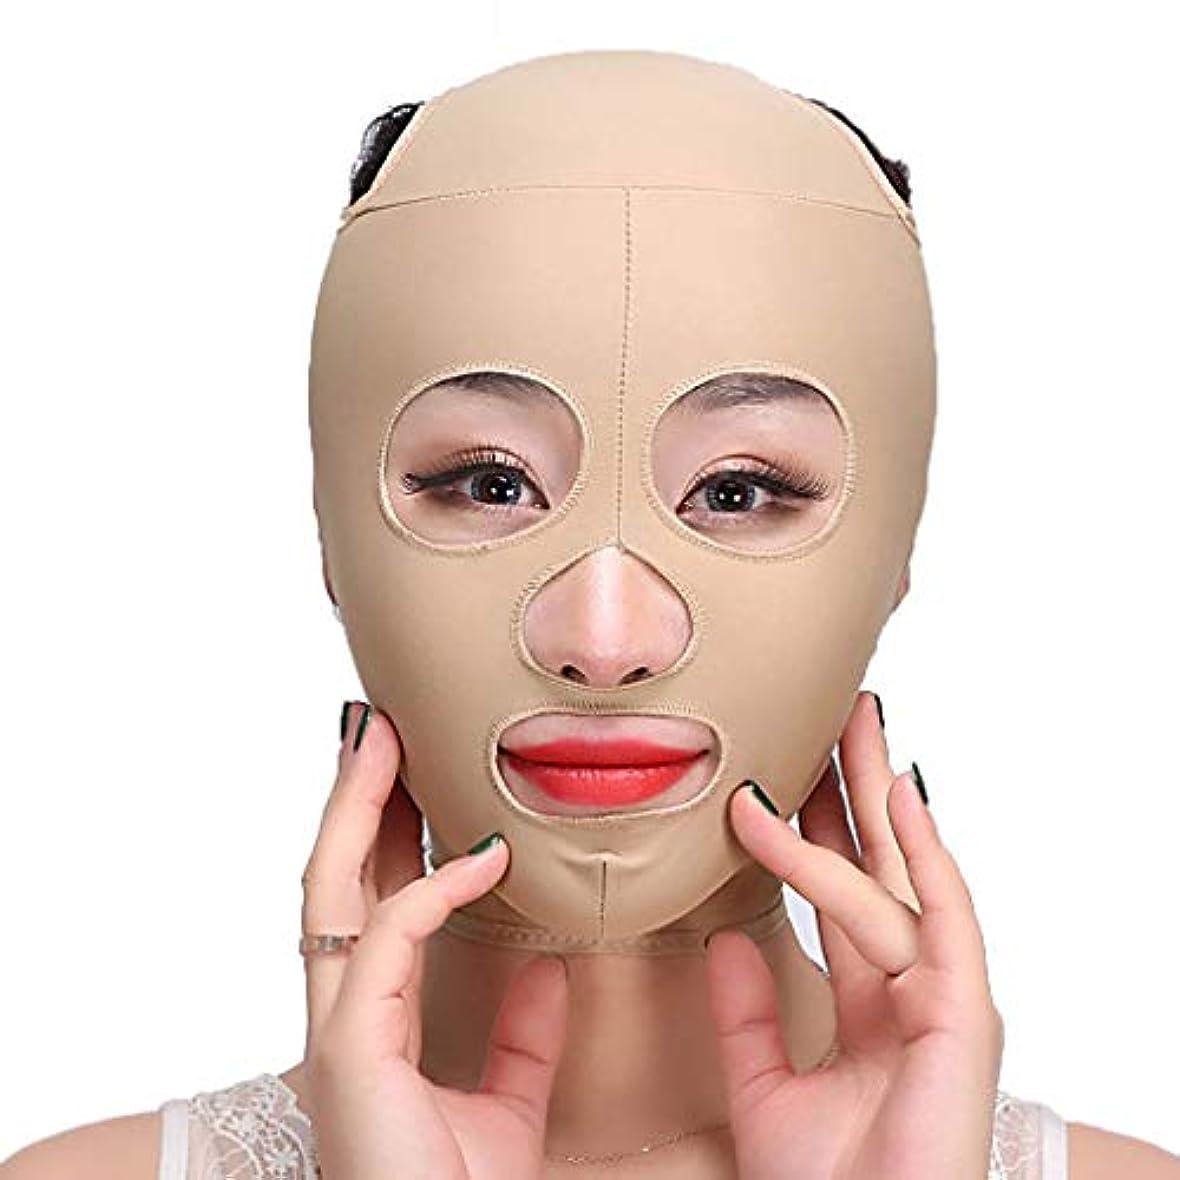 混乱台風ラウズXHLMRMJ 痩身ベルト、フェイスマスク薄いフェイス楽器リフティング引き締めVフェイス男性と女性フェイスリフティングステッカーダブルチンフェイスリフティングフェイスマスク包帯フェイシャルマッサージ (Size : L)